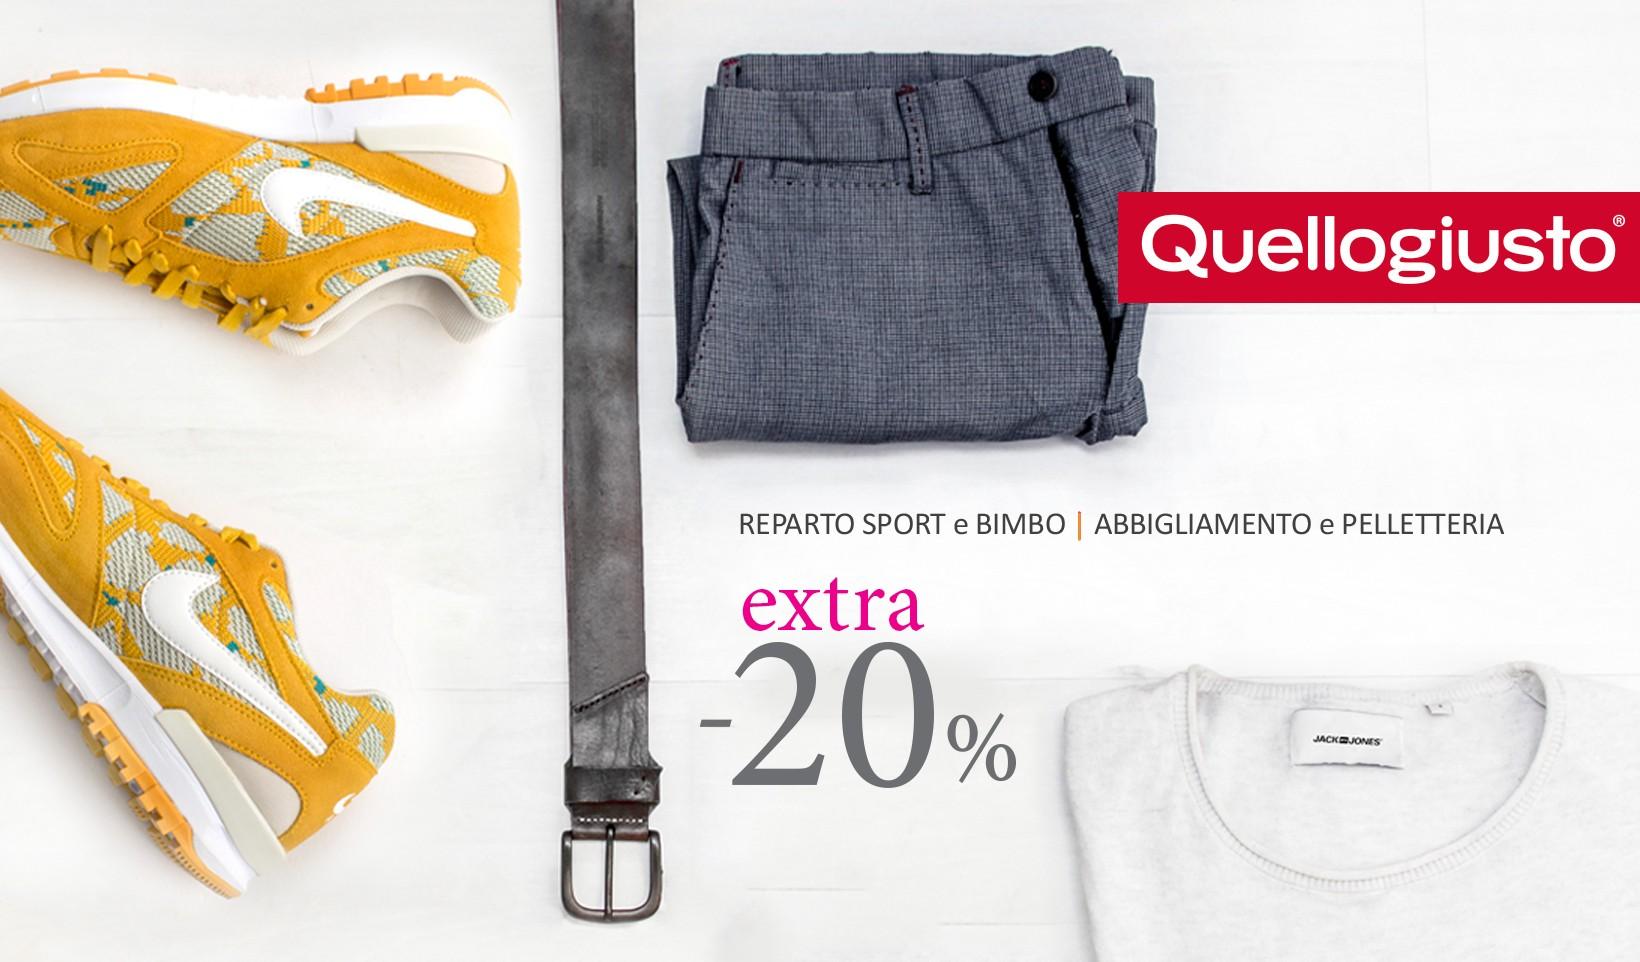 Extra 20% sport bimbo abbigliamento pelletteria